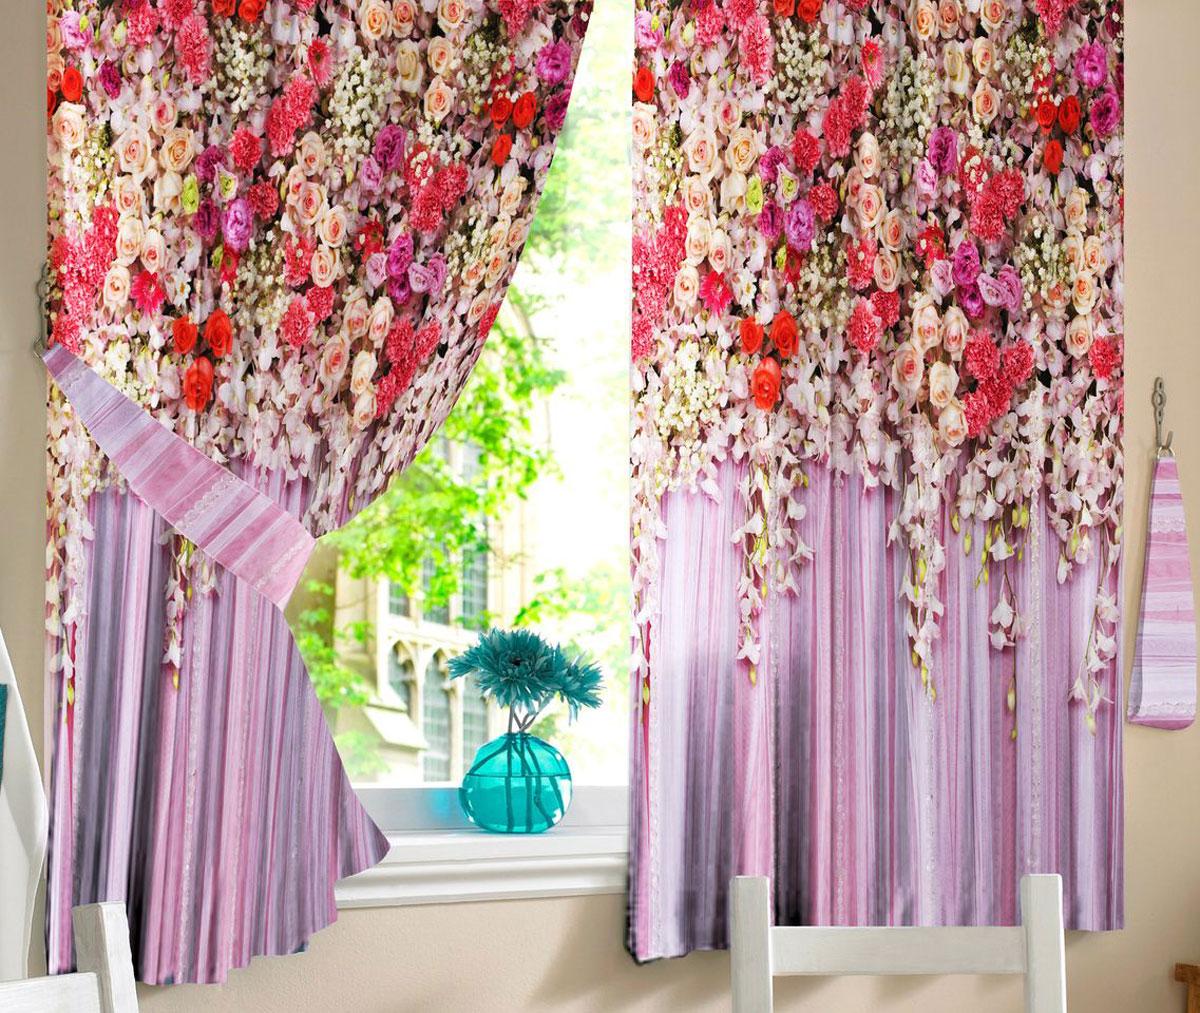 Комплект штор для кухни Zlata Korunka Дивный сад, на ленте, высота 160 см21313Комплект штор для кухни Zlata Korunka, выполненный из полиэстера, великолепно украсит любое окно. Комплект состоит из 2 штор. Яркий рисунок и приятная цветовая гамма привлекут к себе внимание и органично впишутся в интерьер помещения. Этот комплект будет долгое время радовать вас и вашу семью.Комплект крепится на карниз при помощи ленты, которая поможет красиво и равномерно задрапировать верх.